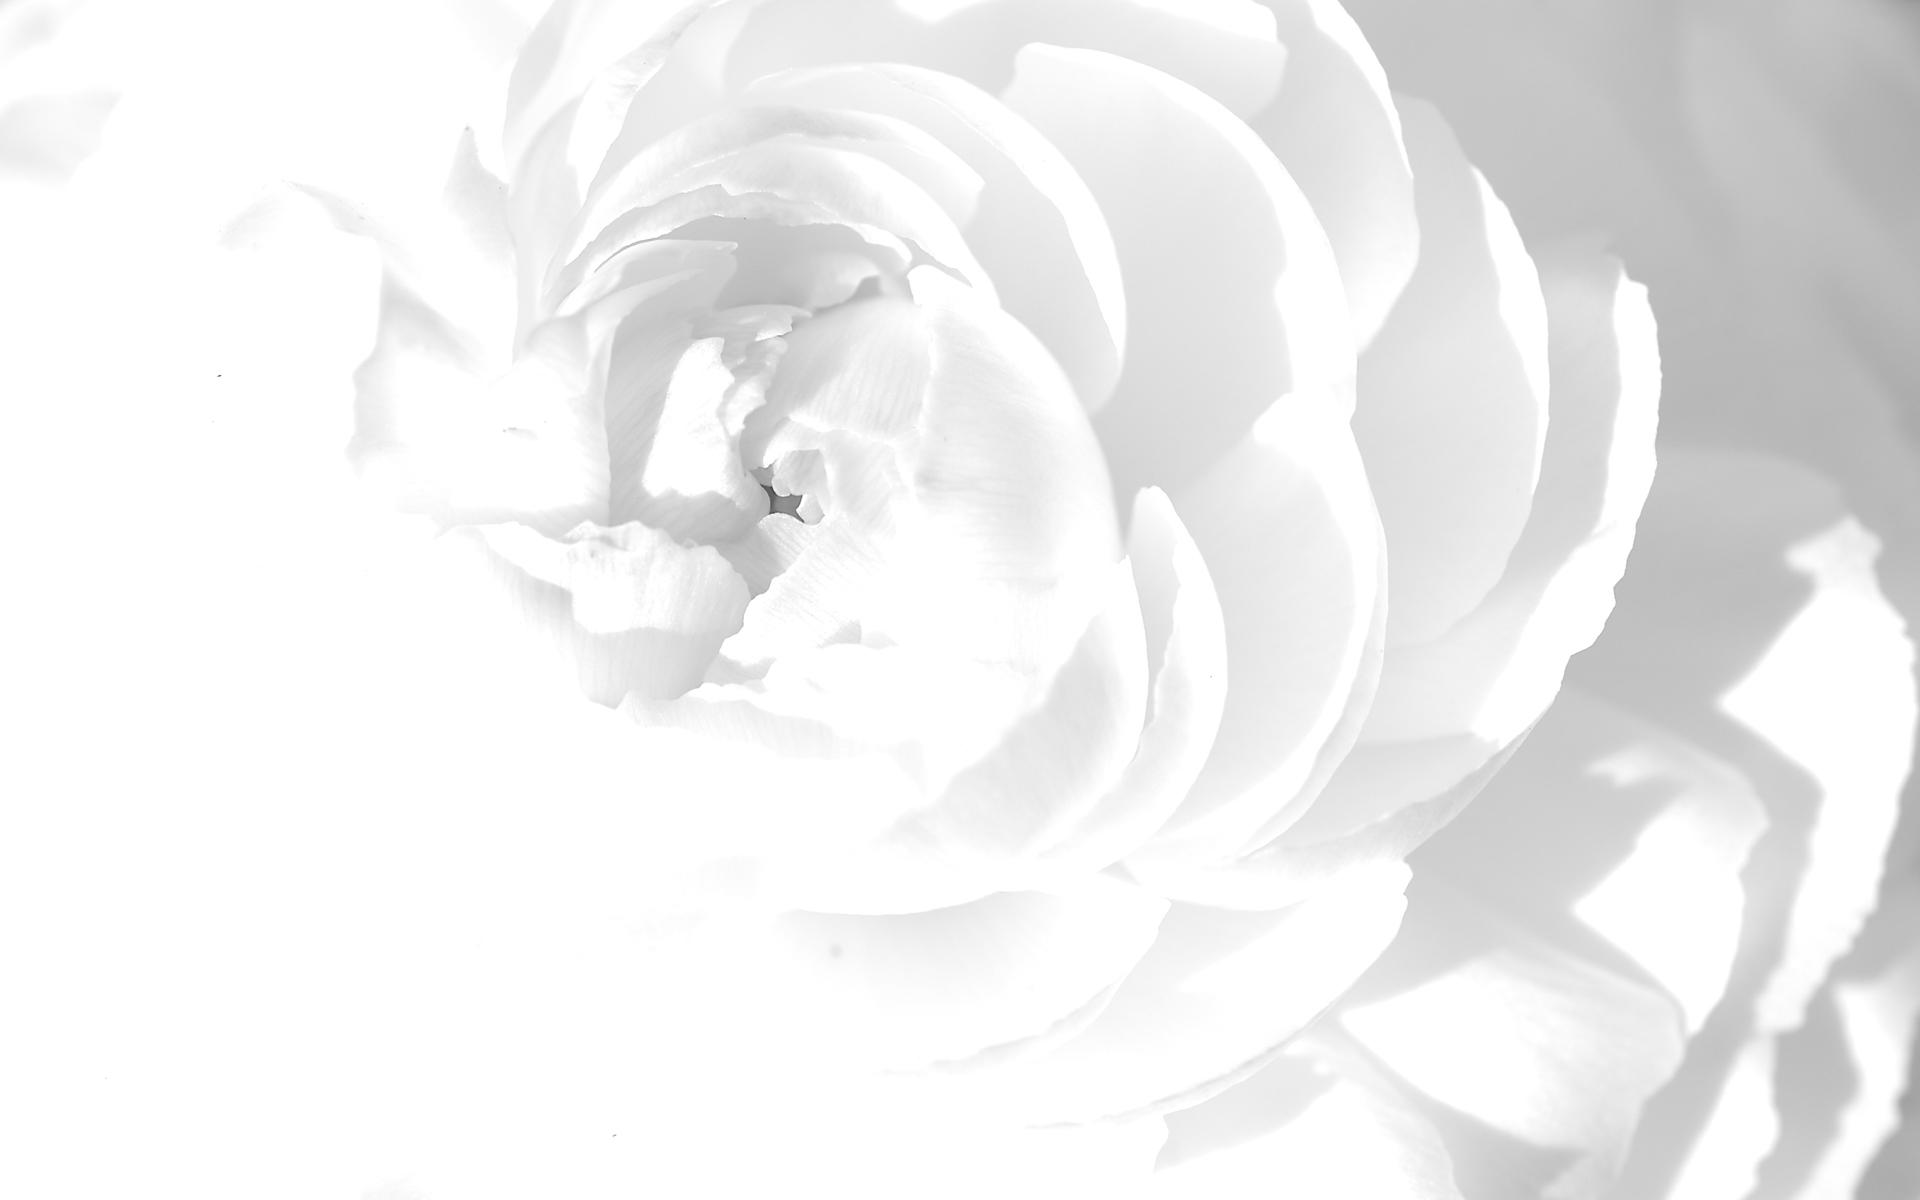 White Wallpaper 9 1920x1200